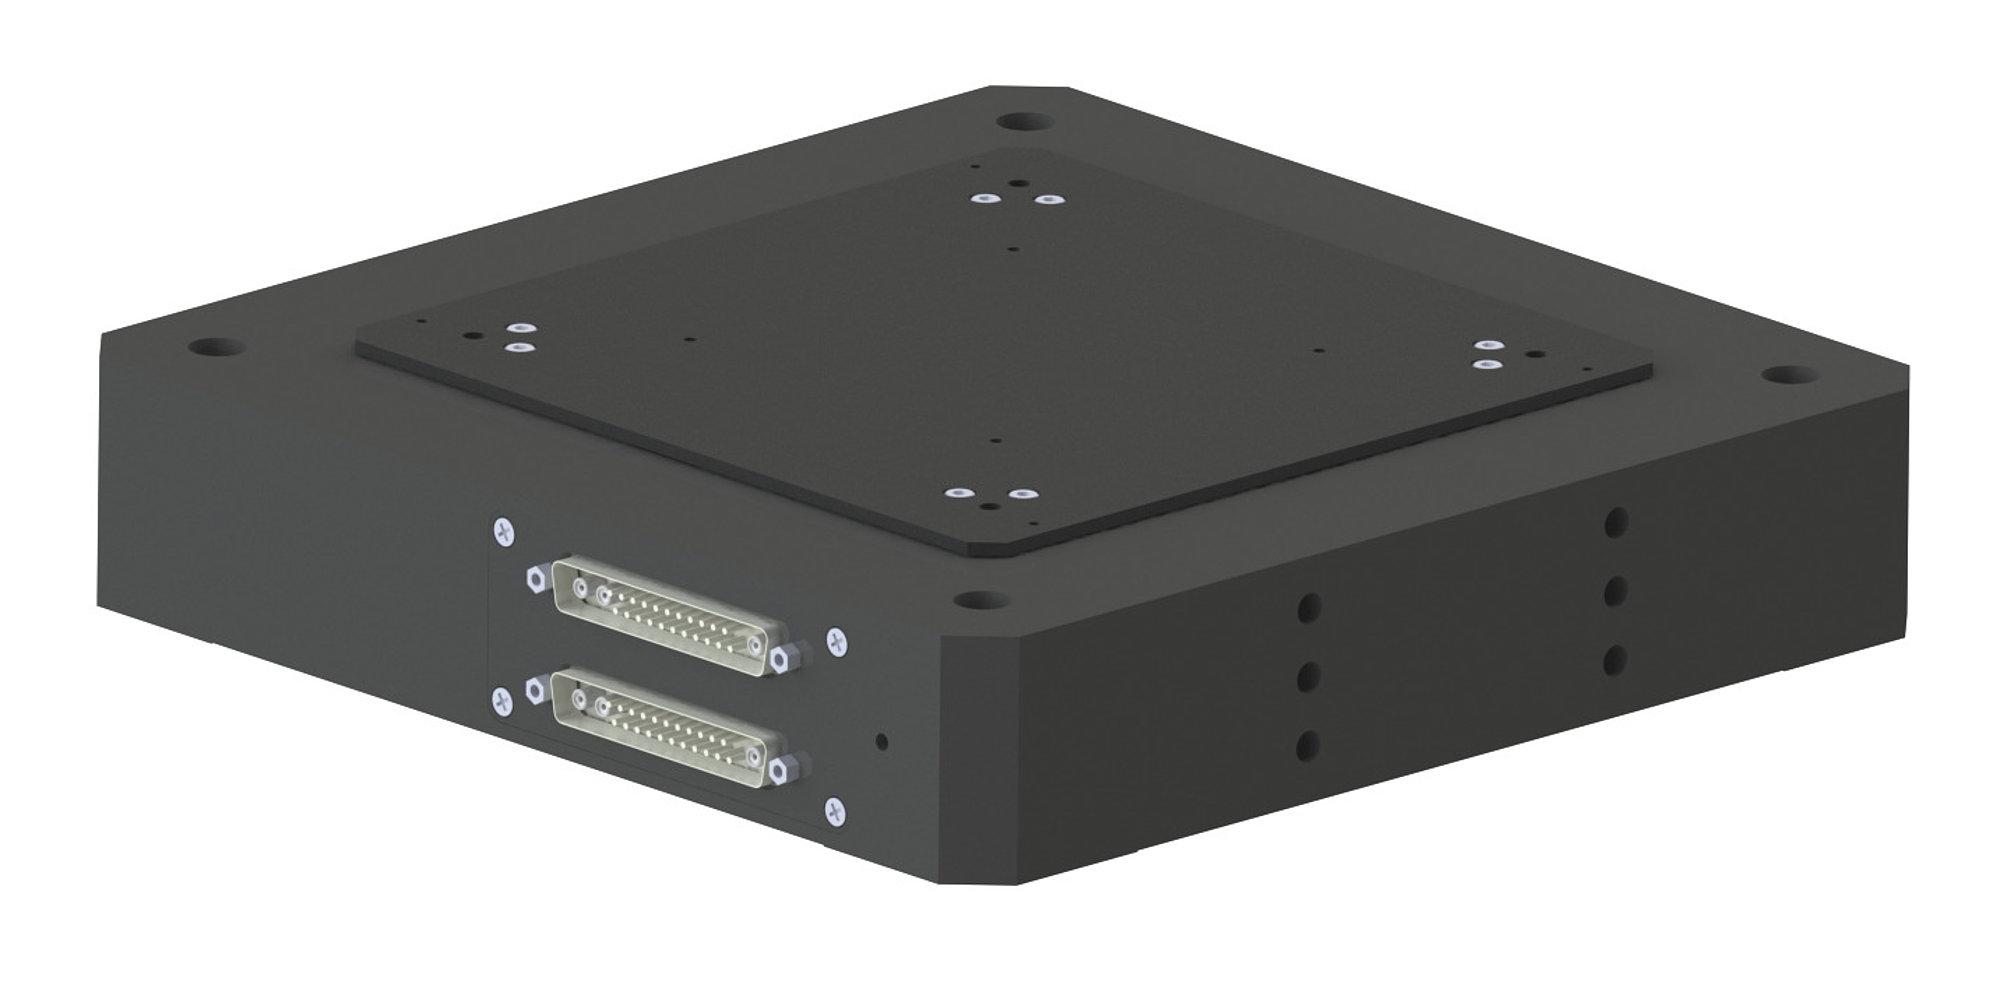 csm P 587.6CD PIC 3D Modell aufgebessert zug b95 a9f56a8dde